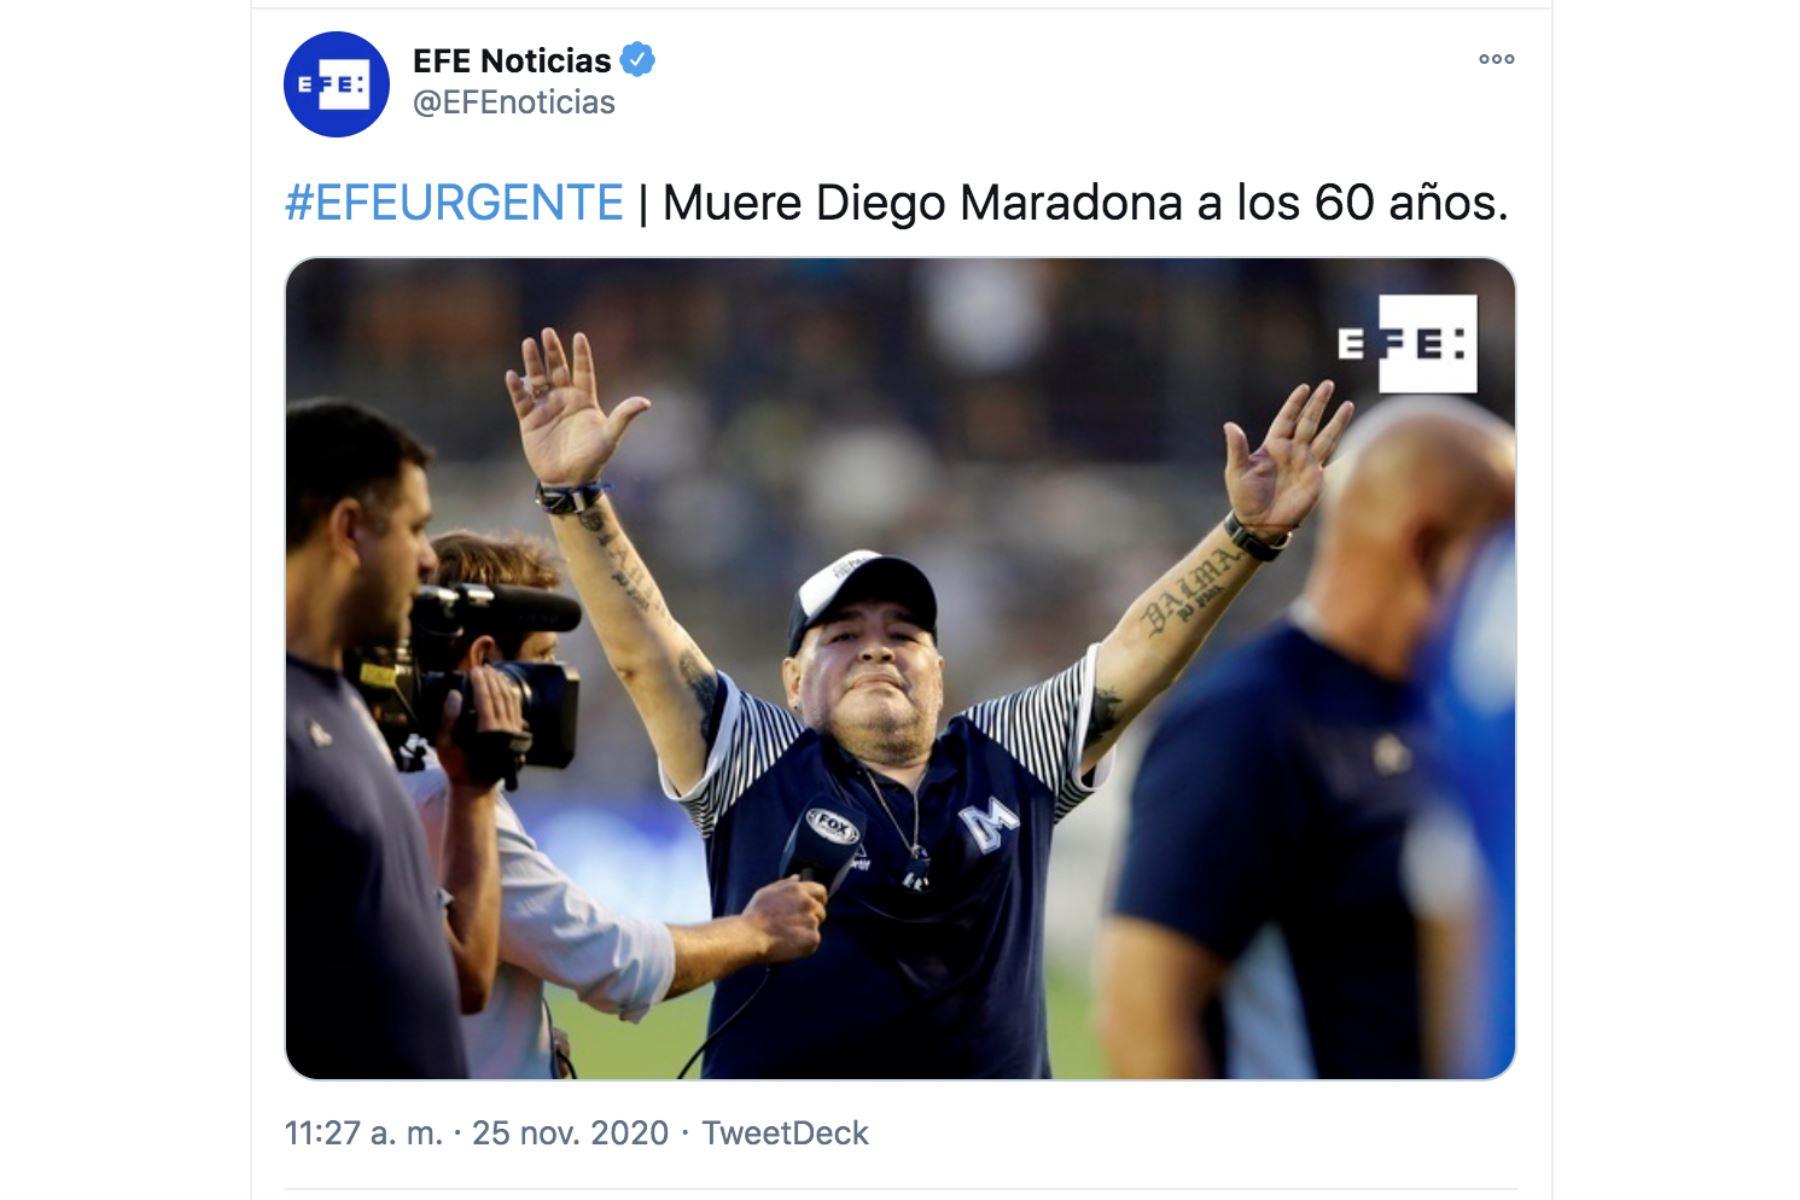 Así informa la prensa mundial la muerte de Diego Armando Maradona. EFE